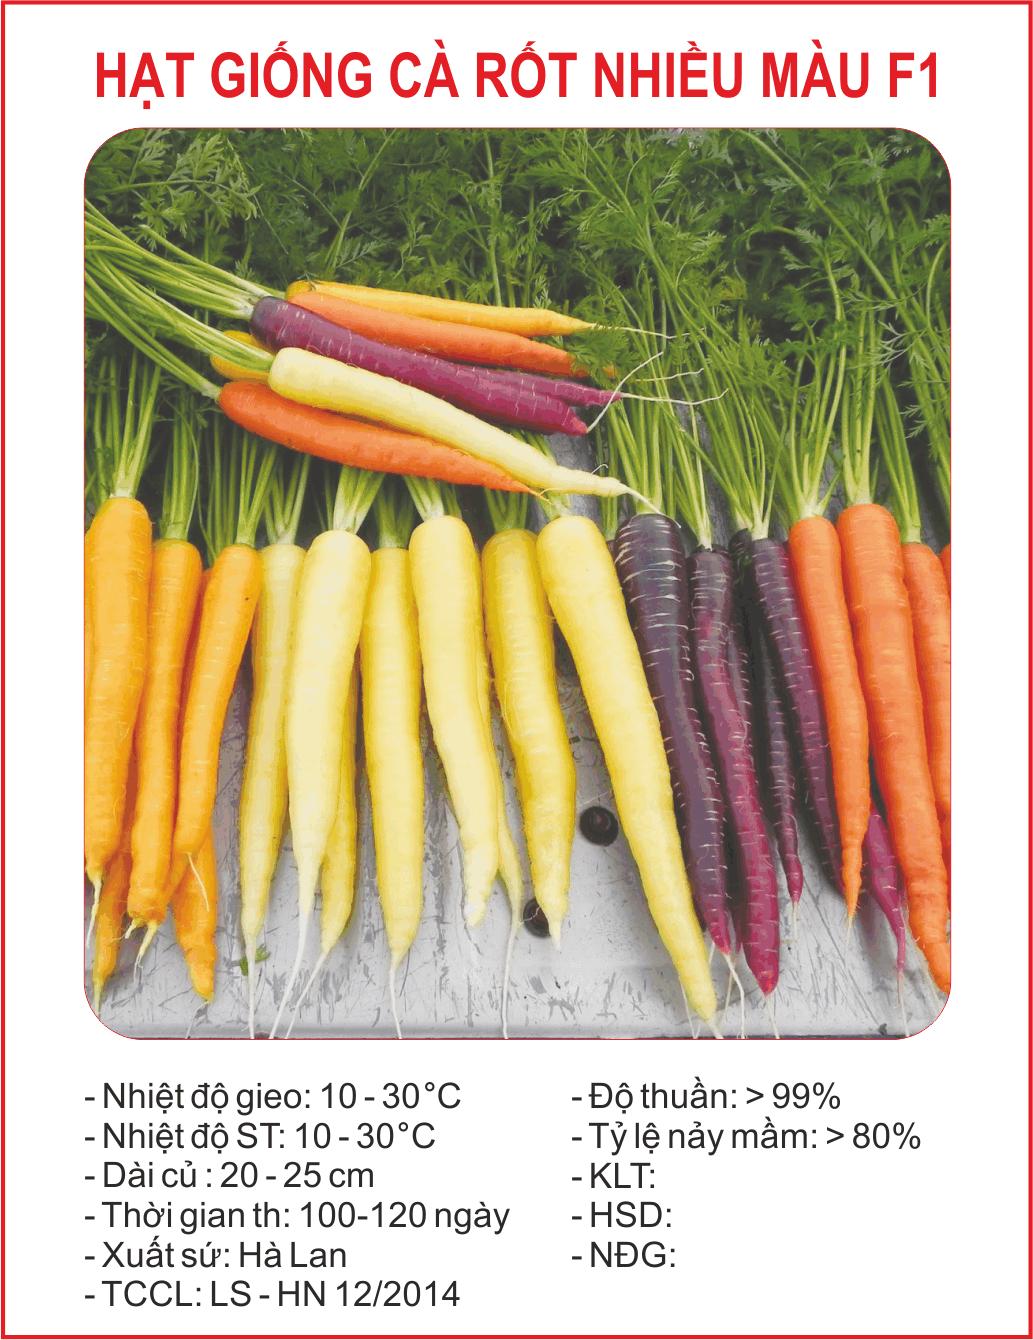 Hạt giống cà rốt